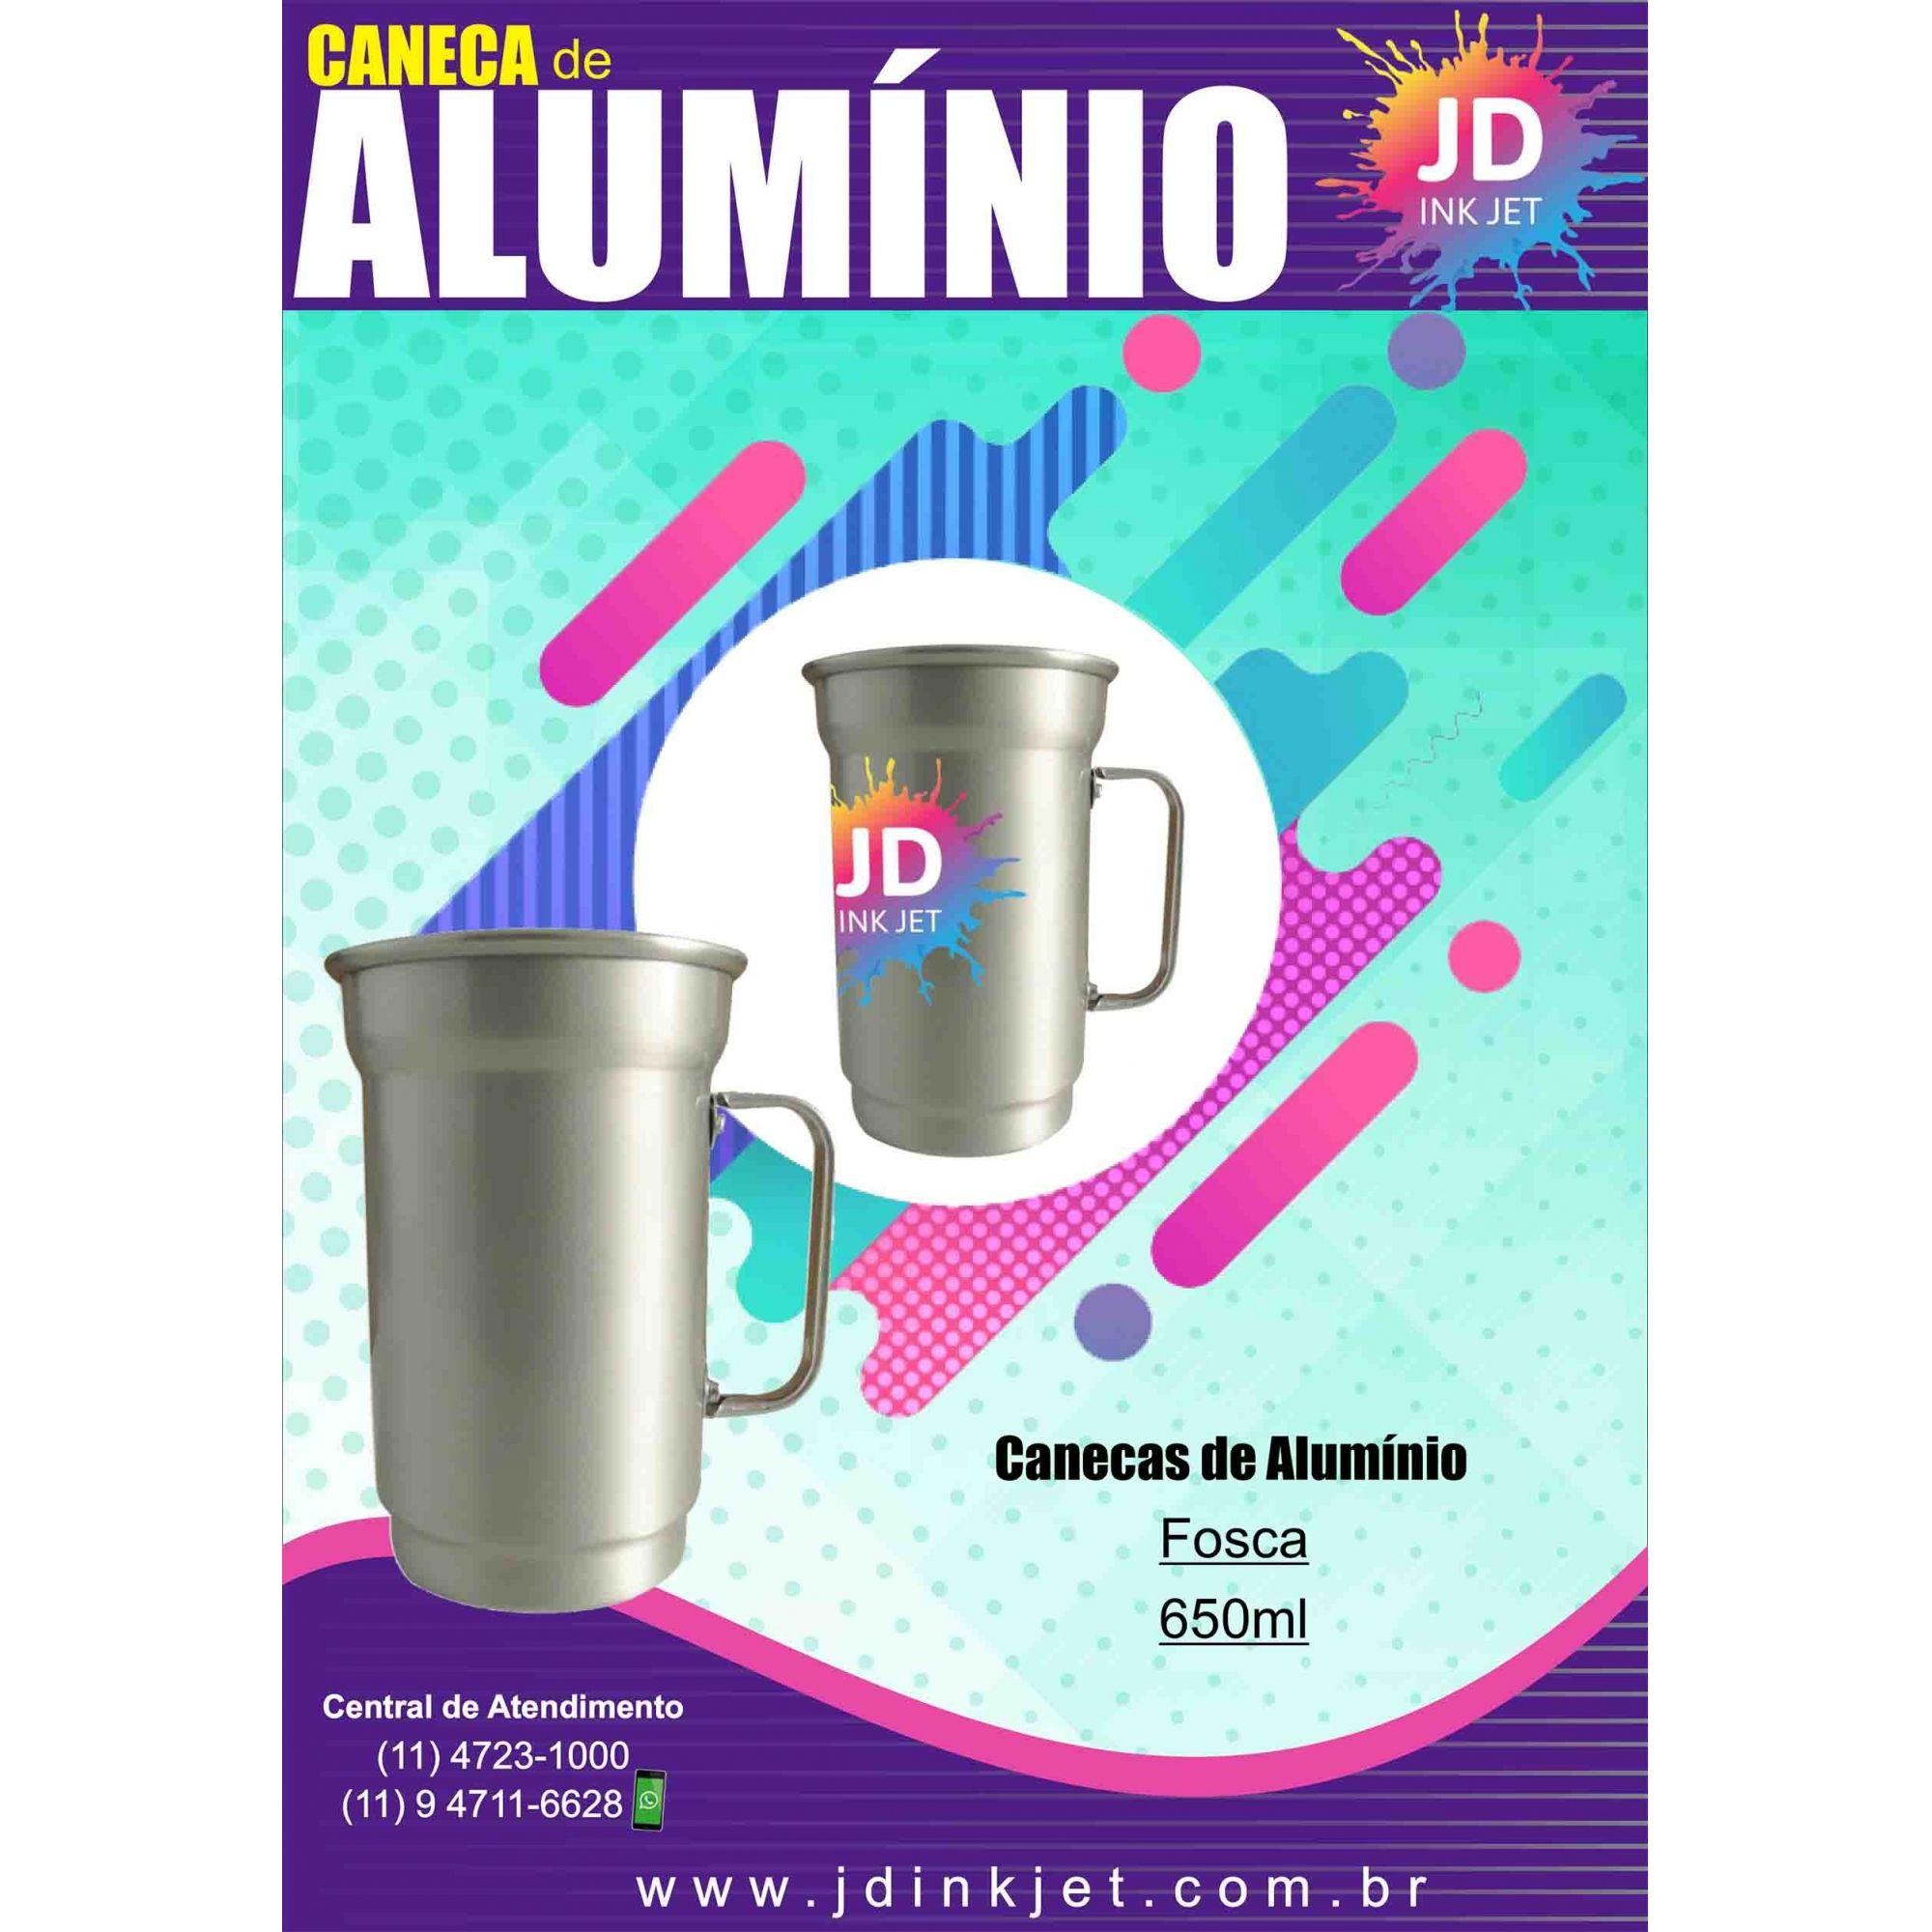 Caneca de Alumínio 650ml Fosca